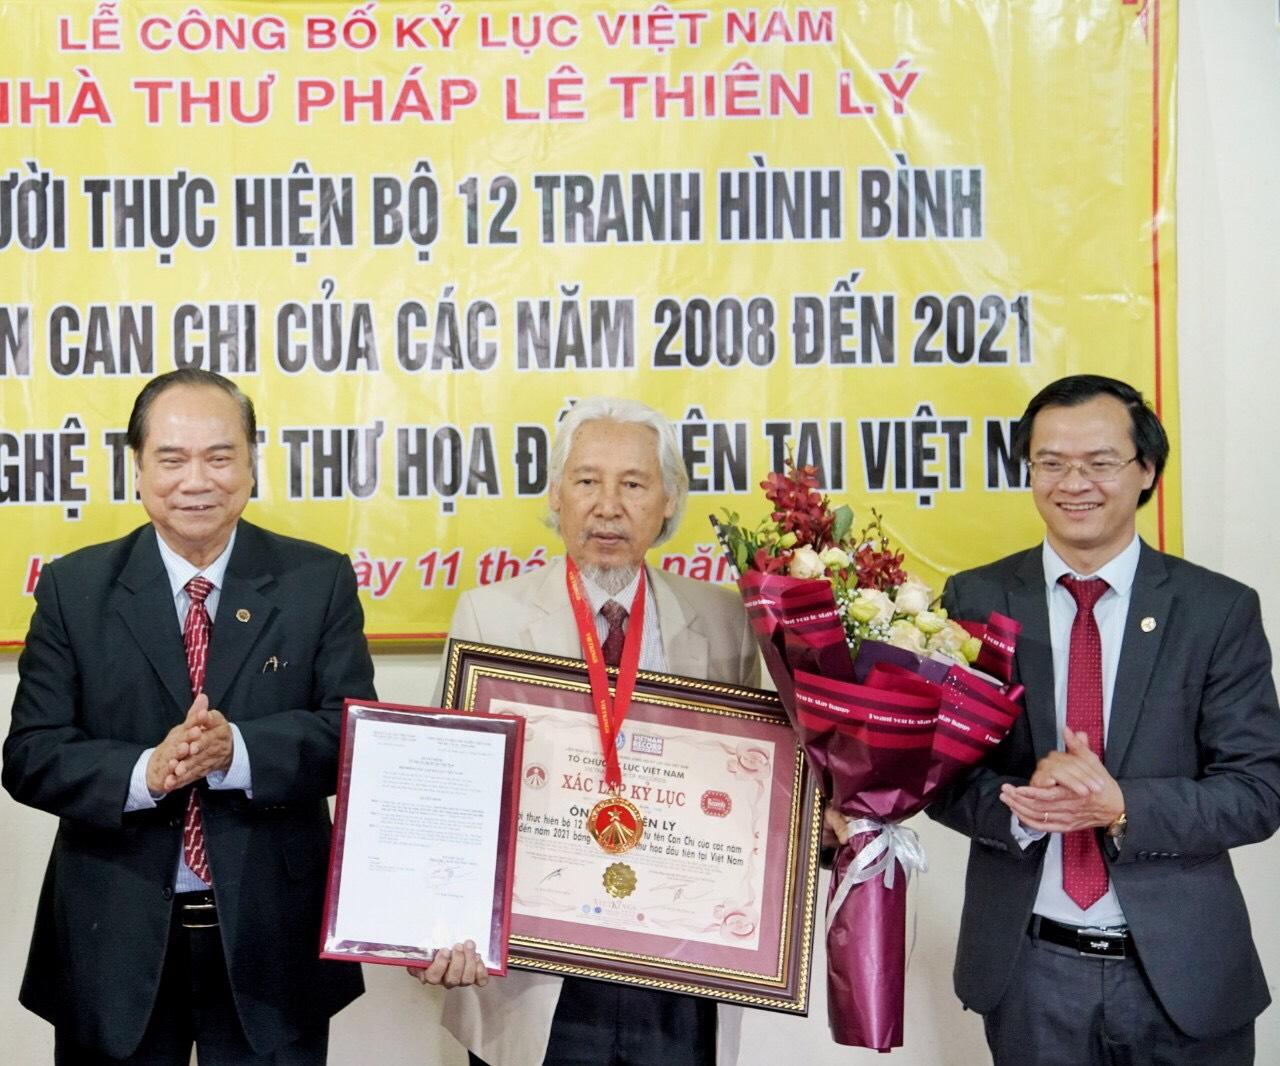 Ông Trần Ngọc Tăng Nguyên Phó Trưởng ban Tuyên giáo TW, Nguyên chủ tịch Hội chữ thập đỏ Việt Nam, Phó chủ tịch TW Hội Kỷ lục gia Việt Nam